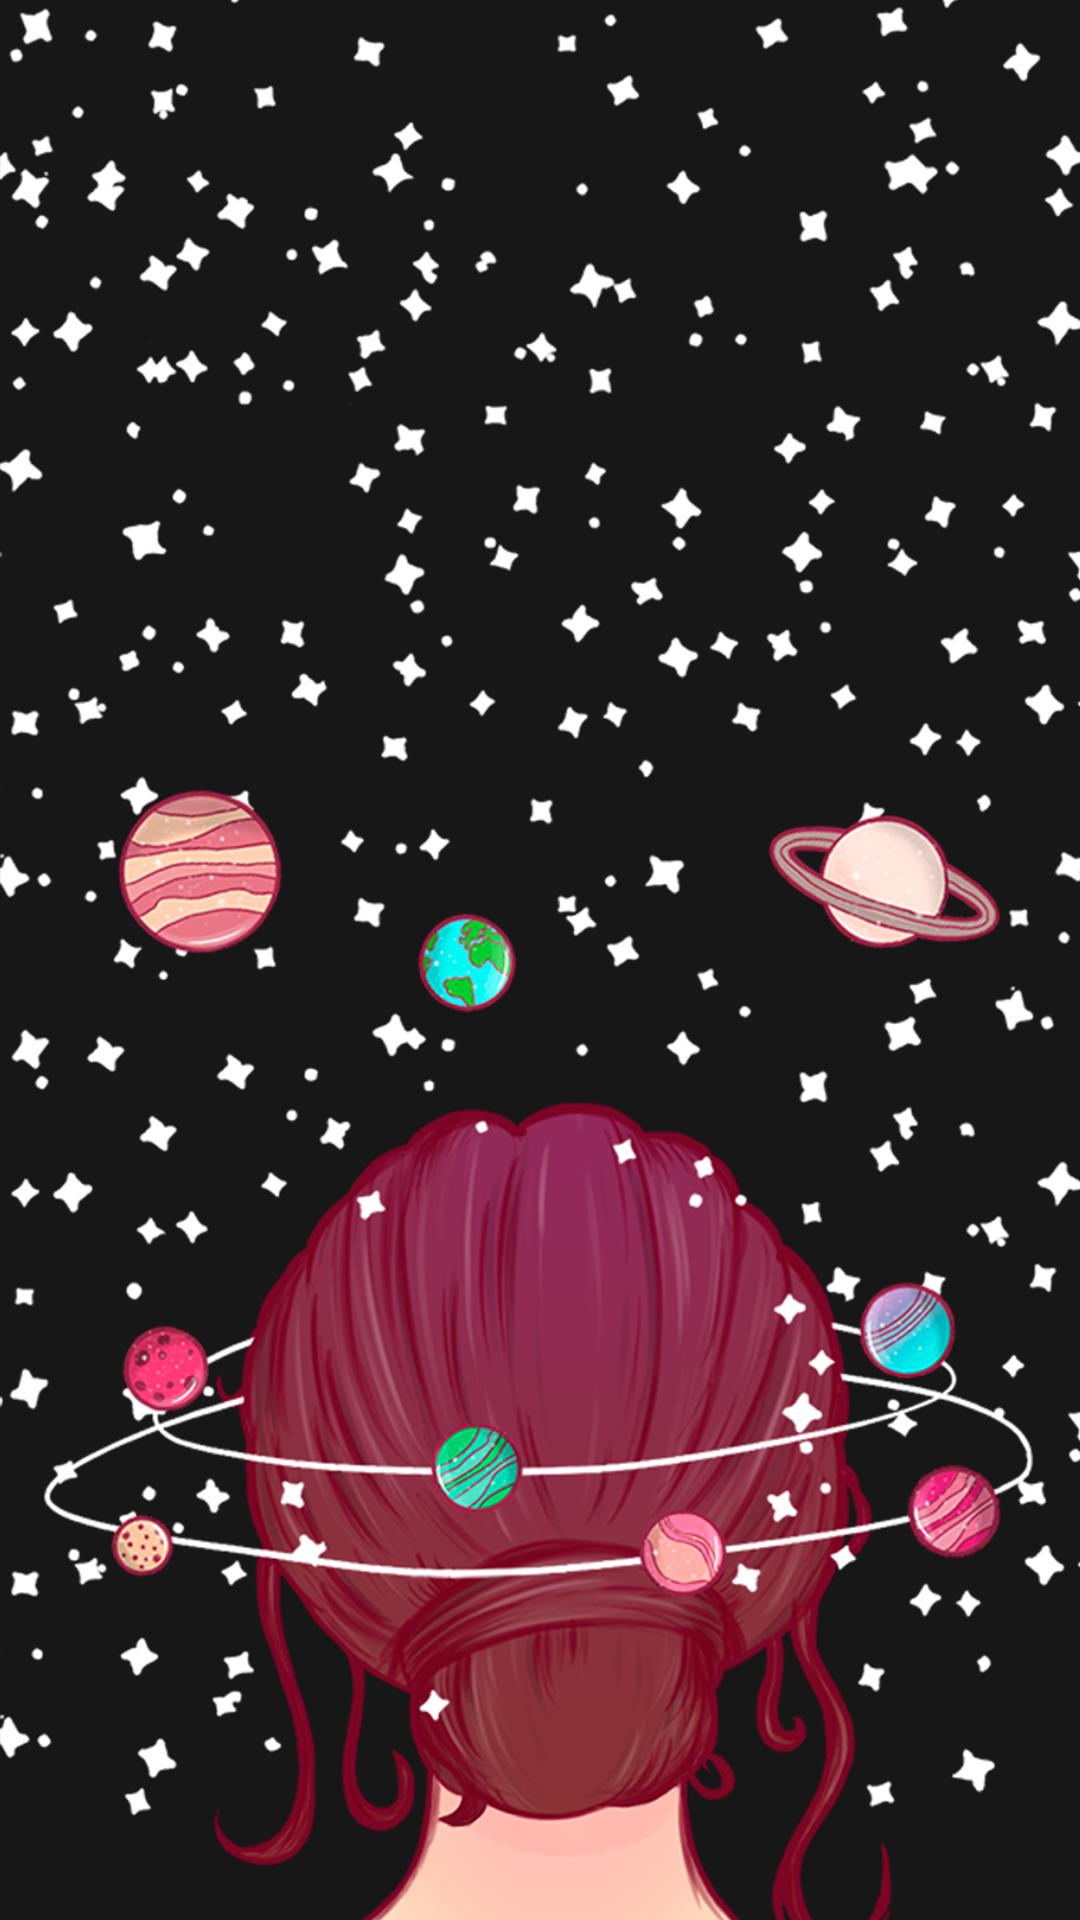 Wallpaper Mente Universo 1 by Gocase – Galaxy Arts